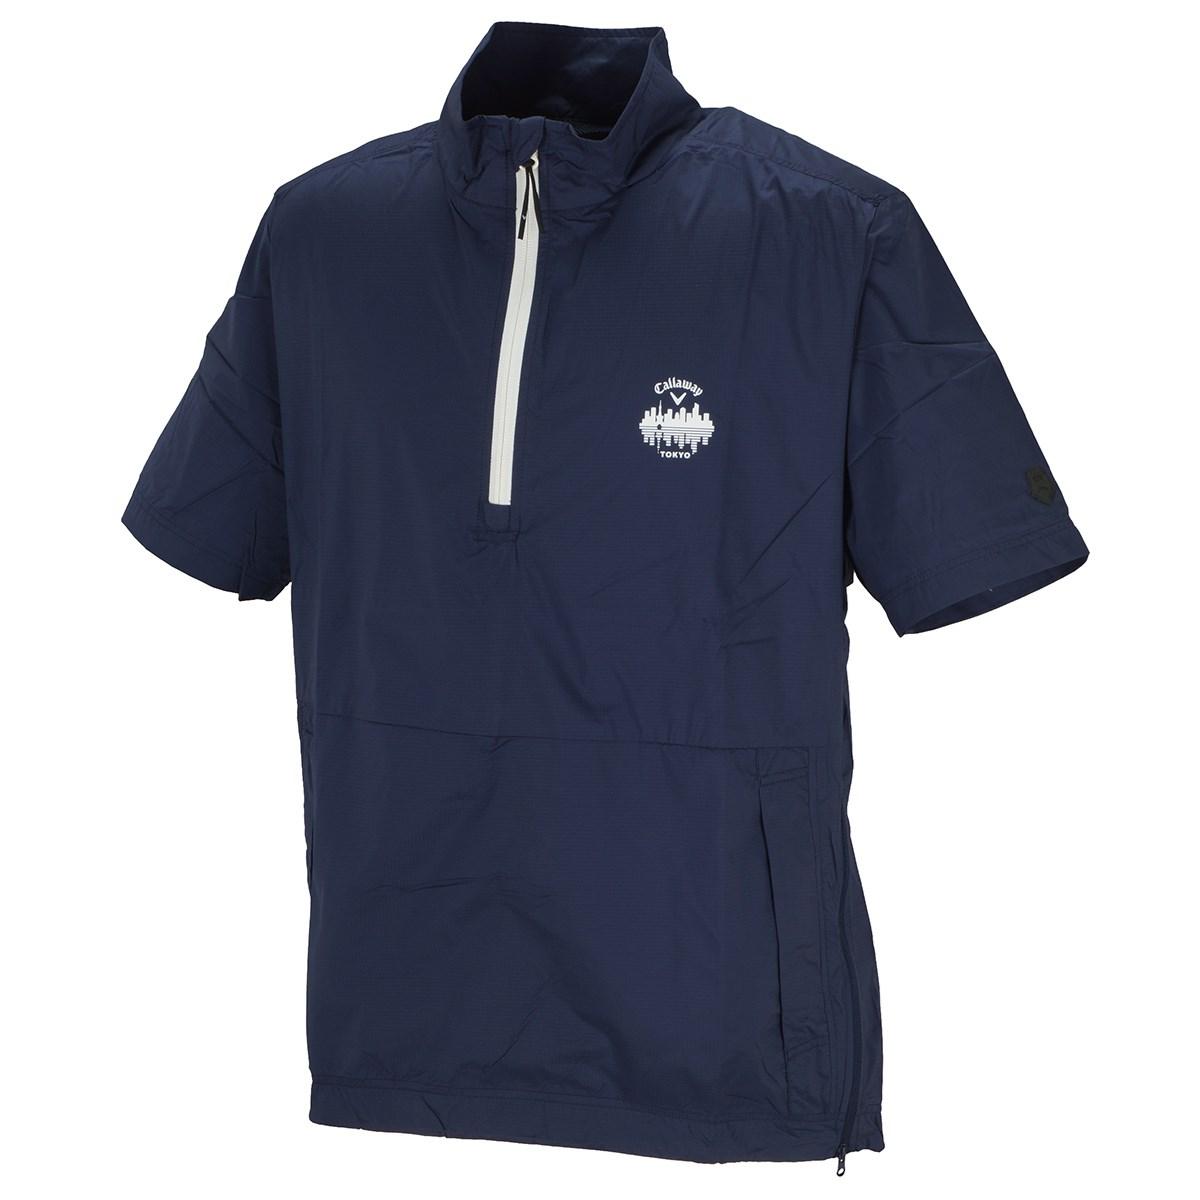 キャロウェイゴルフ Callaway Golf レギュラーシルエット リップストップ 半袖ブルゾン M ネイビー 120